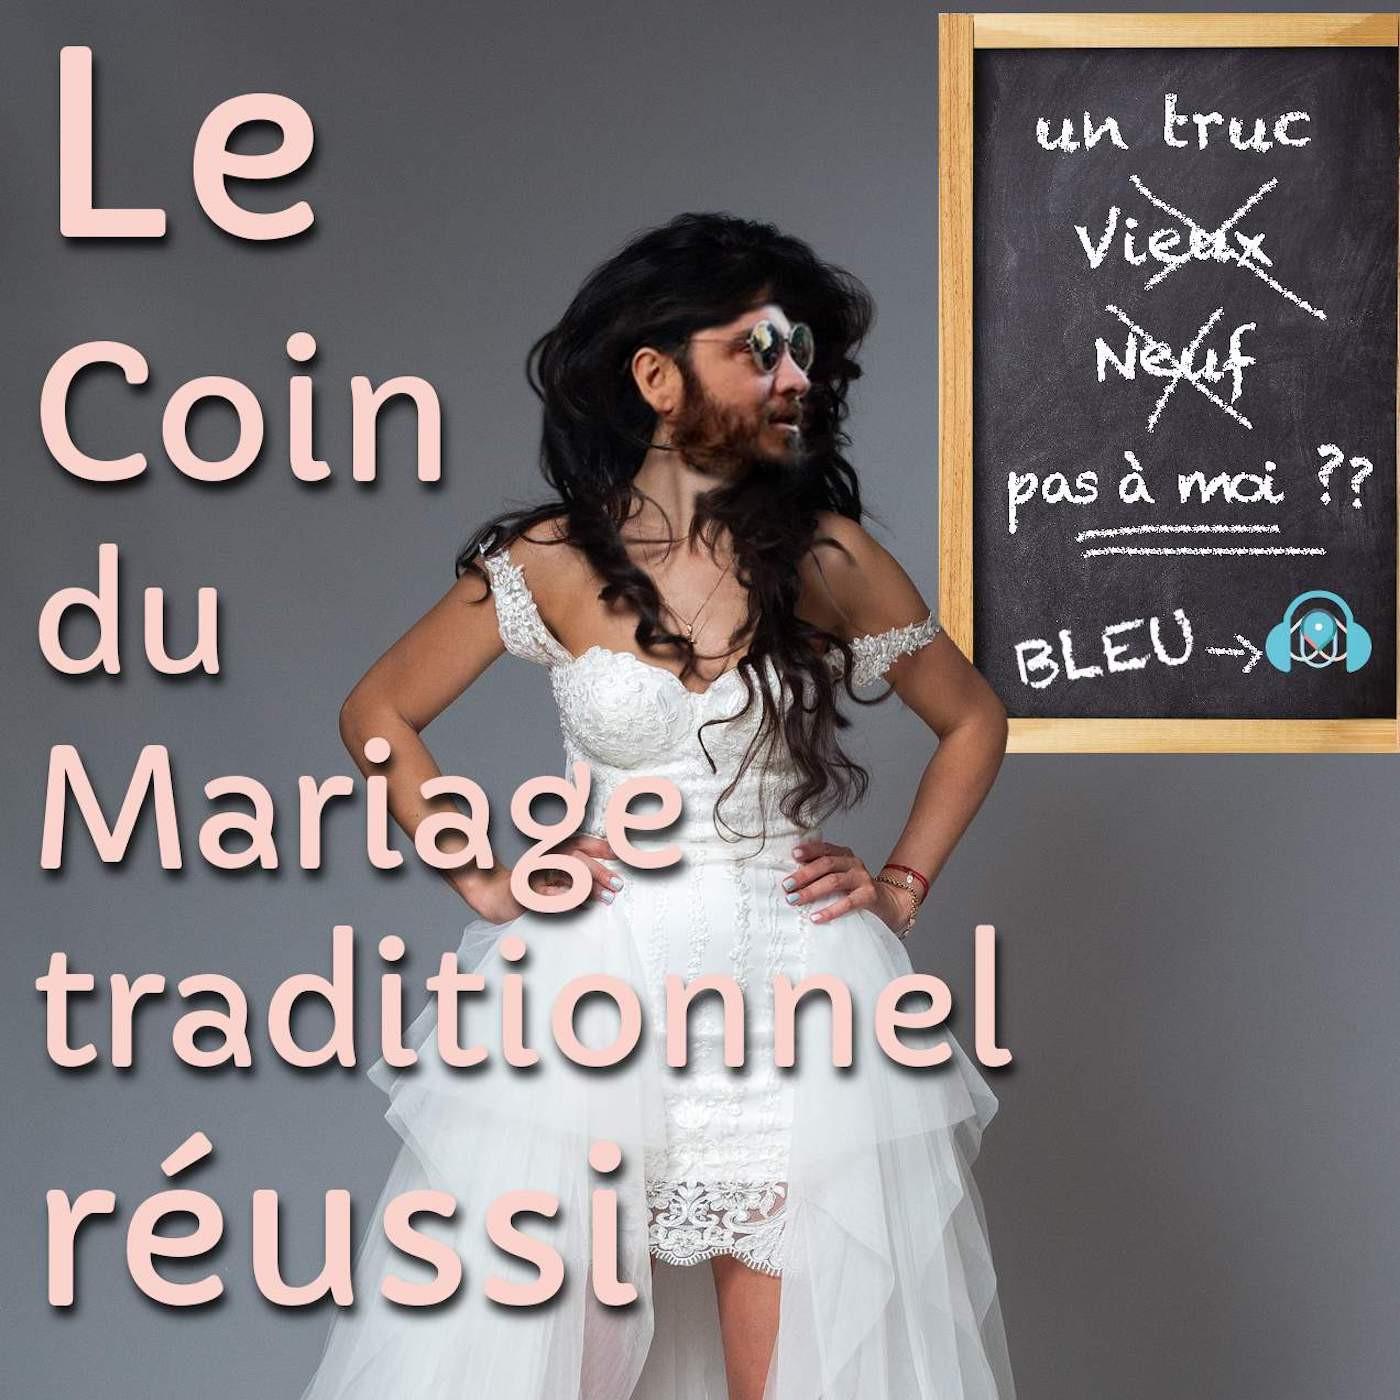 LE COIN DU MARIAGE TRADITIONNEL RÉUSSI S1E7